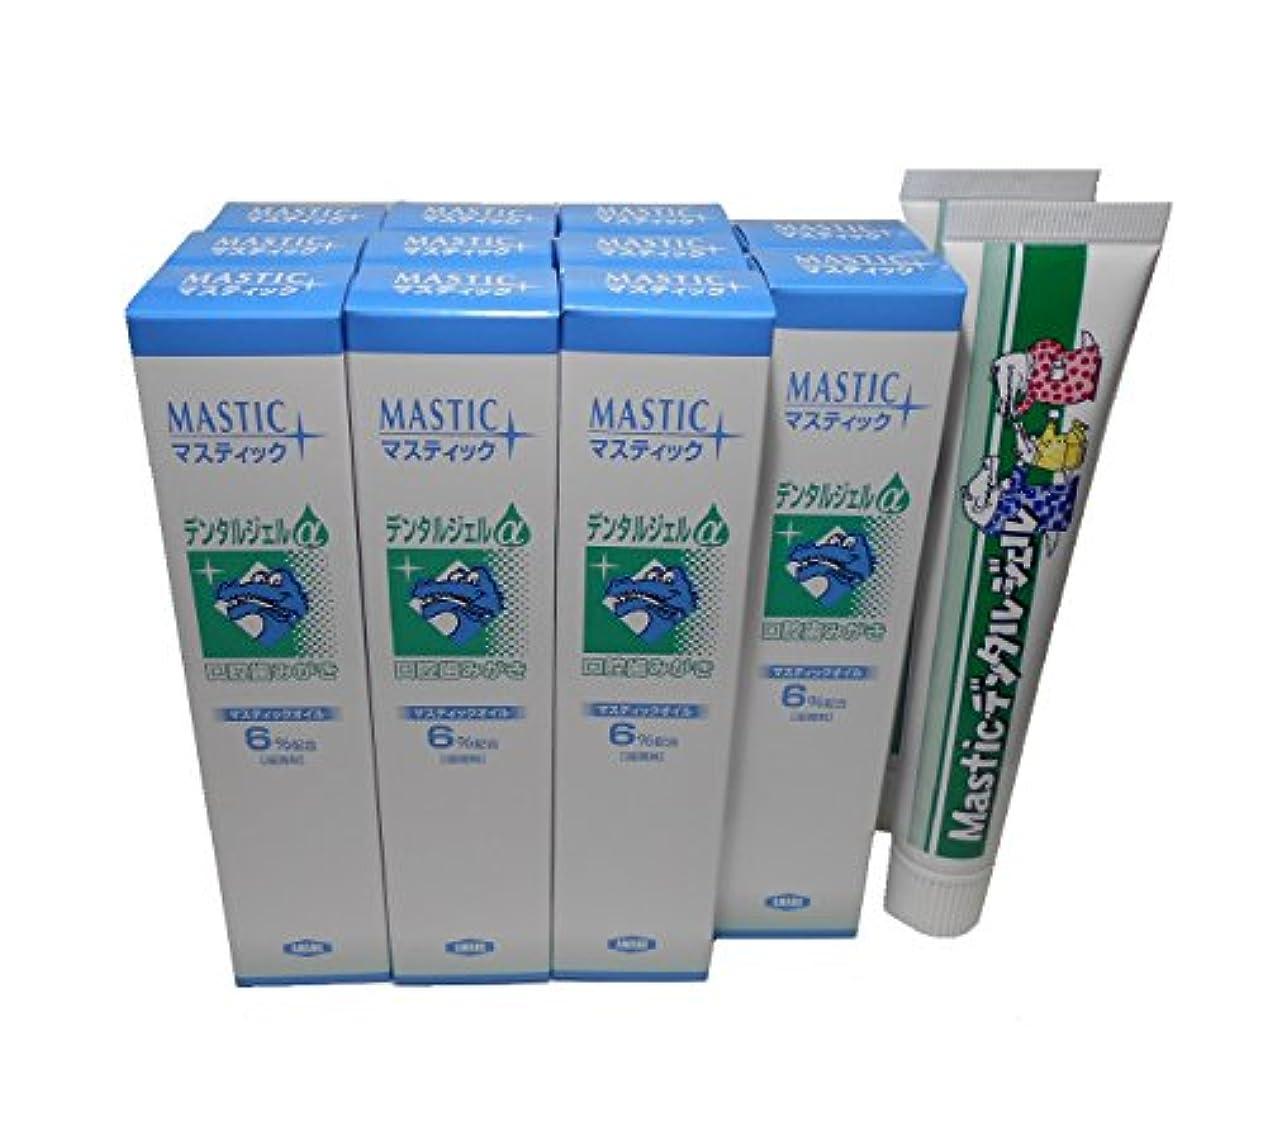 お茶開業医意味するMASTIC マスティックデンタルジェルα45g(6%配合)11個+MASTIC デンタルエッセンスジェルMSローヤルⅡ増量50g(10%配合)2個セット